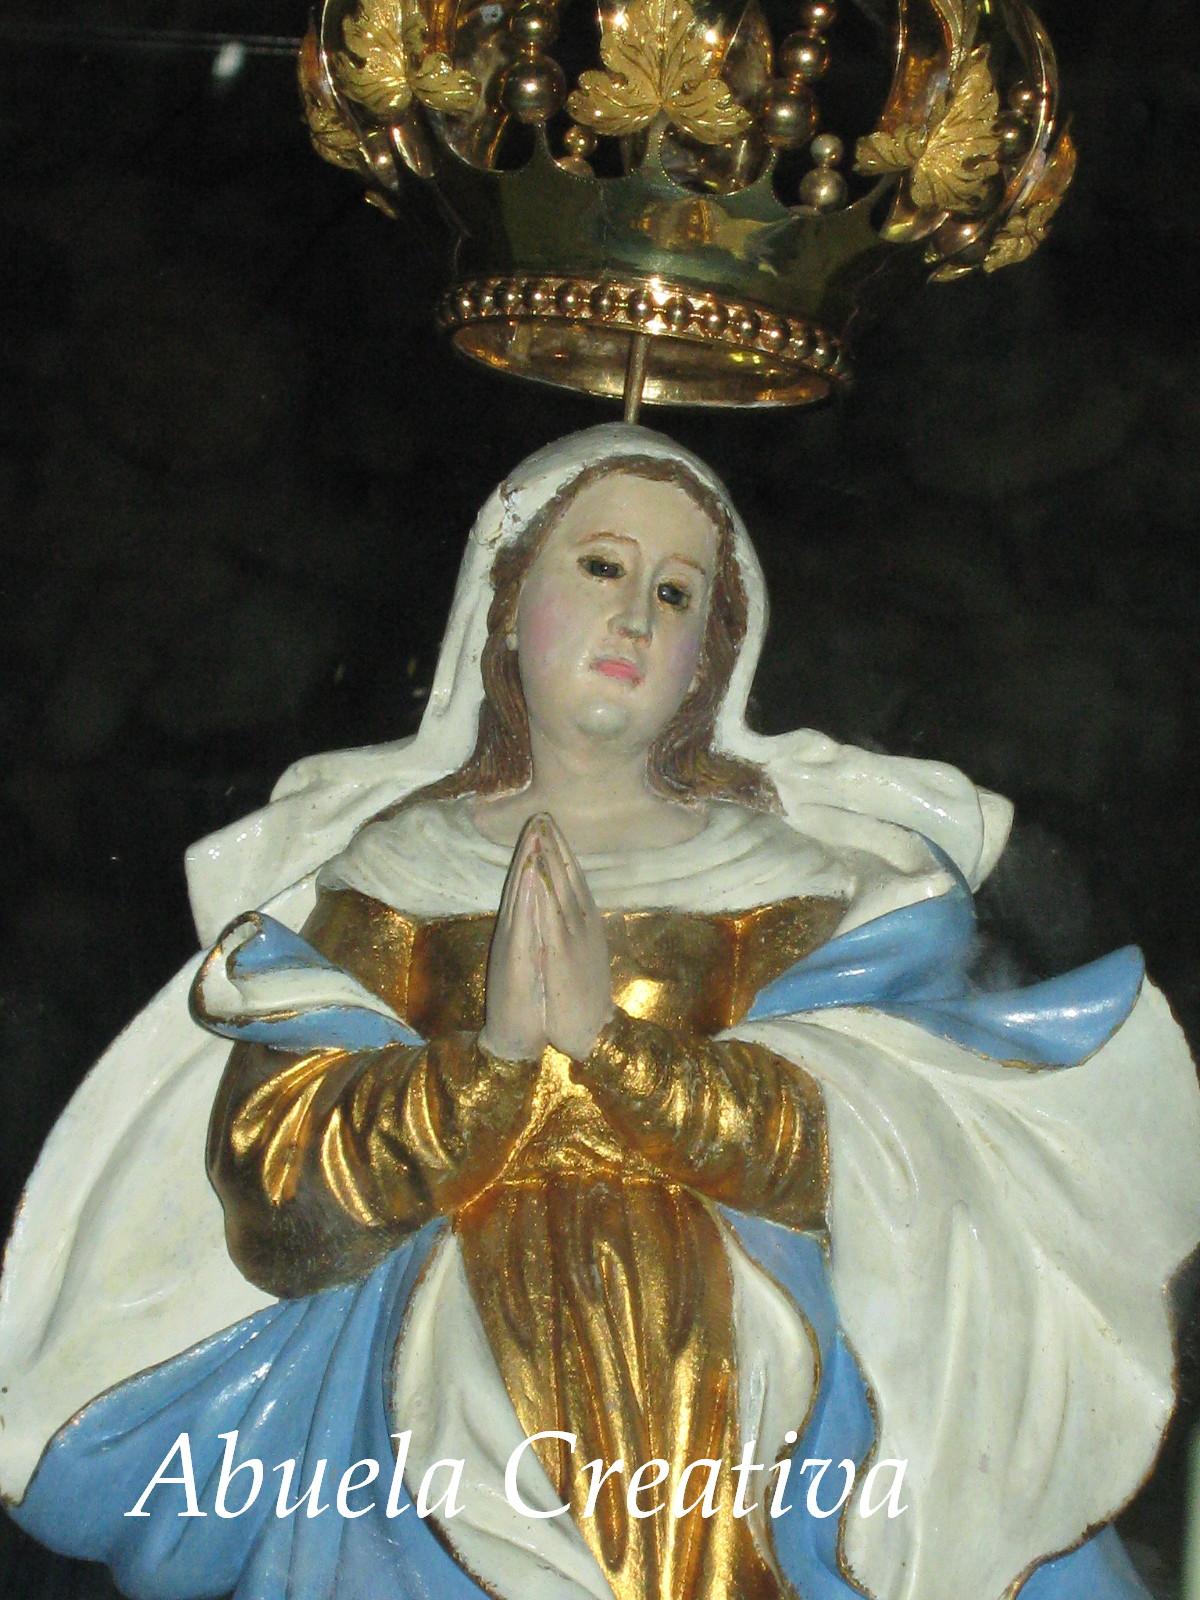 Virgen abuela grandad desflorar